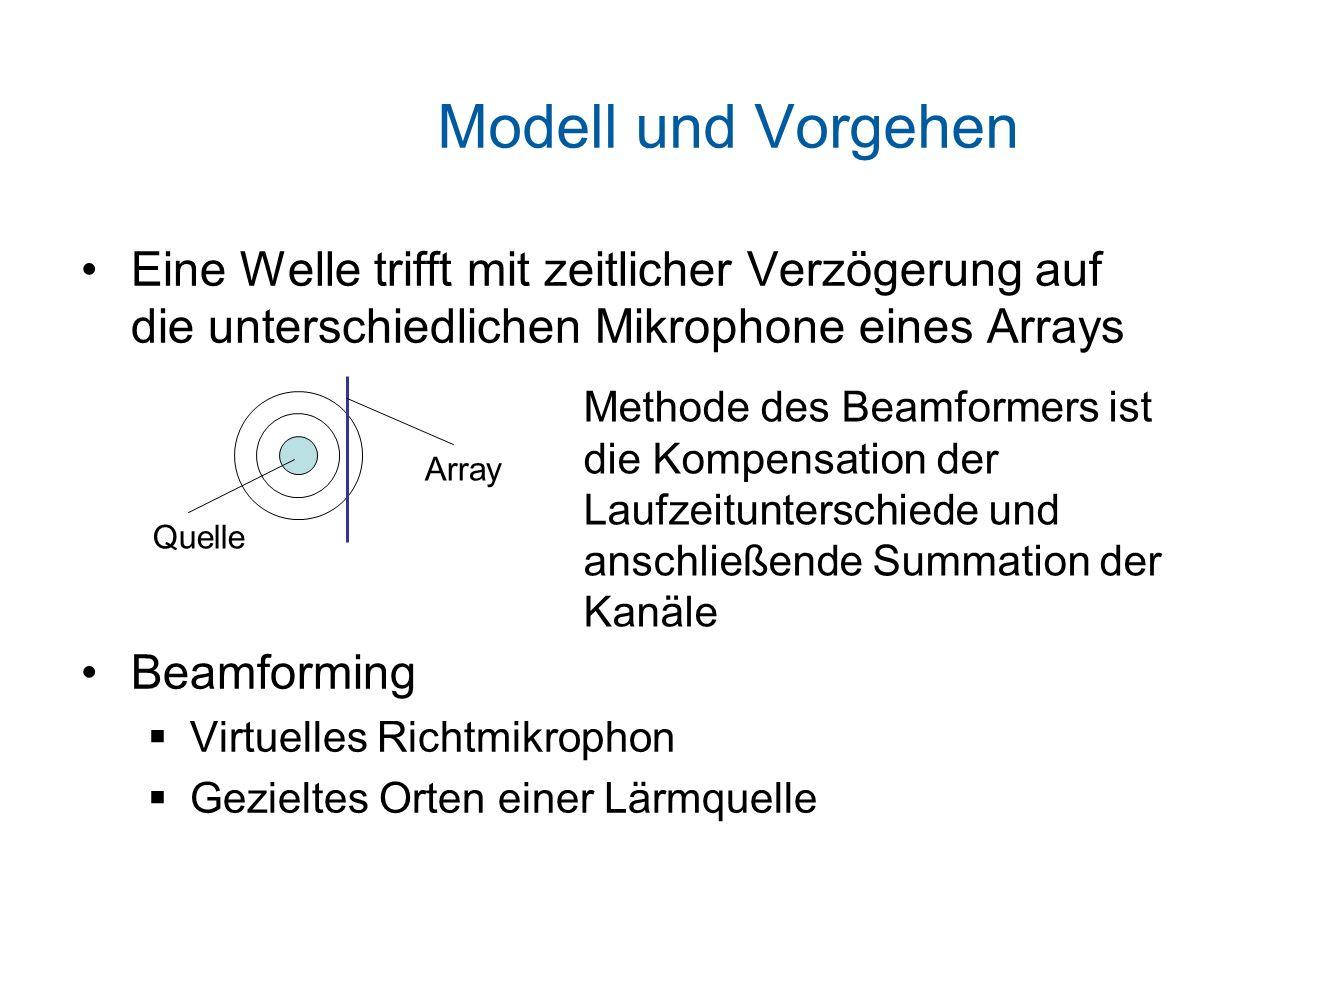 Modell und Vorgehen Eine Welle trifft mit zeitlicher Verzögerung auf die unterschiedlichen Mikrophone eines Arrays Beamforming Virtuelles Richtmikrophon Gezieltes Orten einer Lärmquelle Quelle Array Methode des Beamformers ist die Kompensation der Laufzeitunterschiede und anschließende Summation der Kanäle